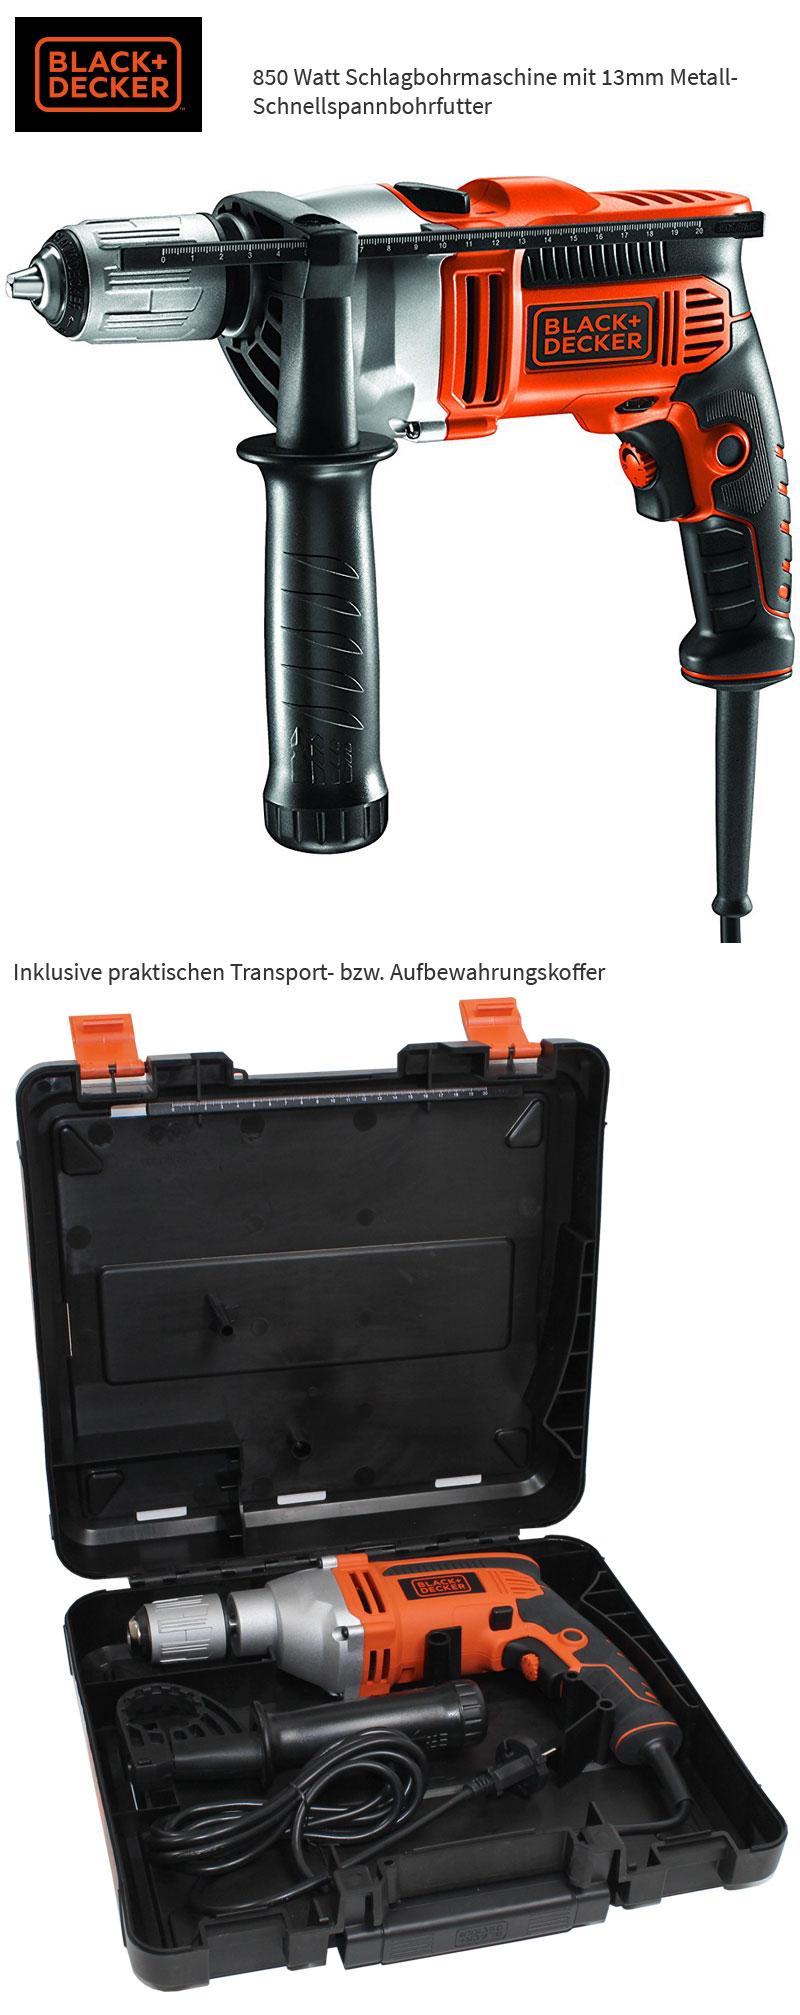 black decker kr 806 k qs schlag bohrmaschine inkl. Black Bedroom Furniture Sets. Home Design Ideas